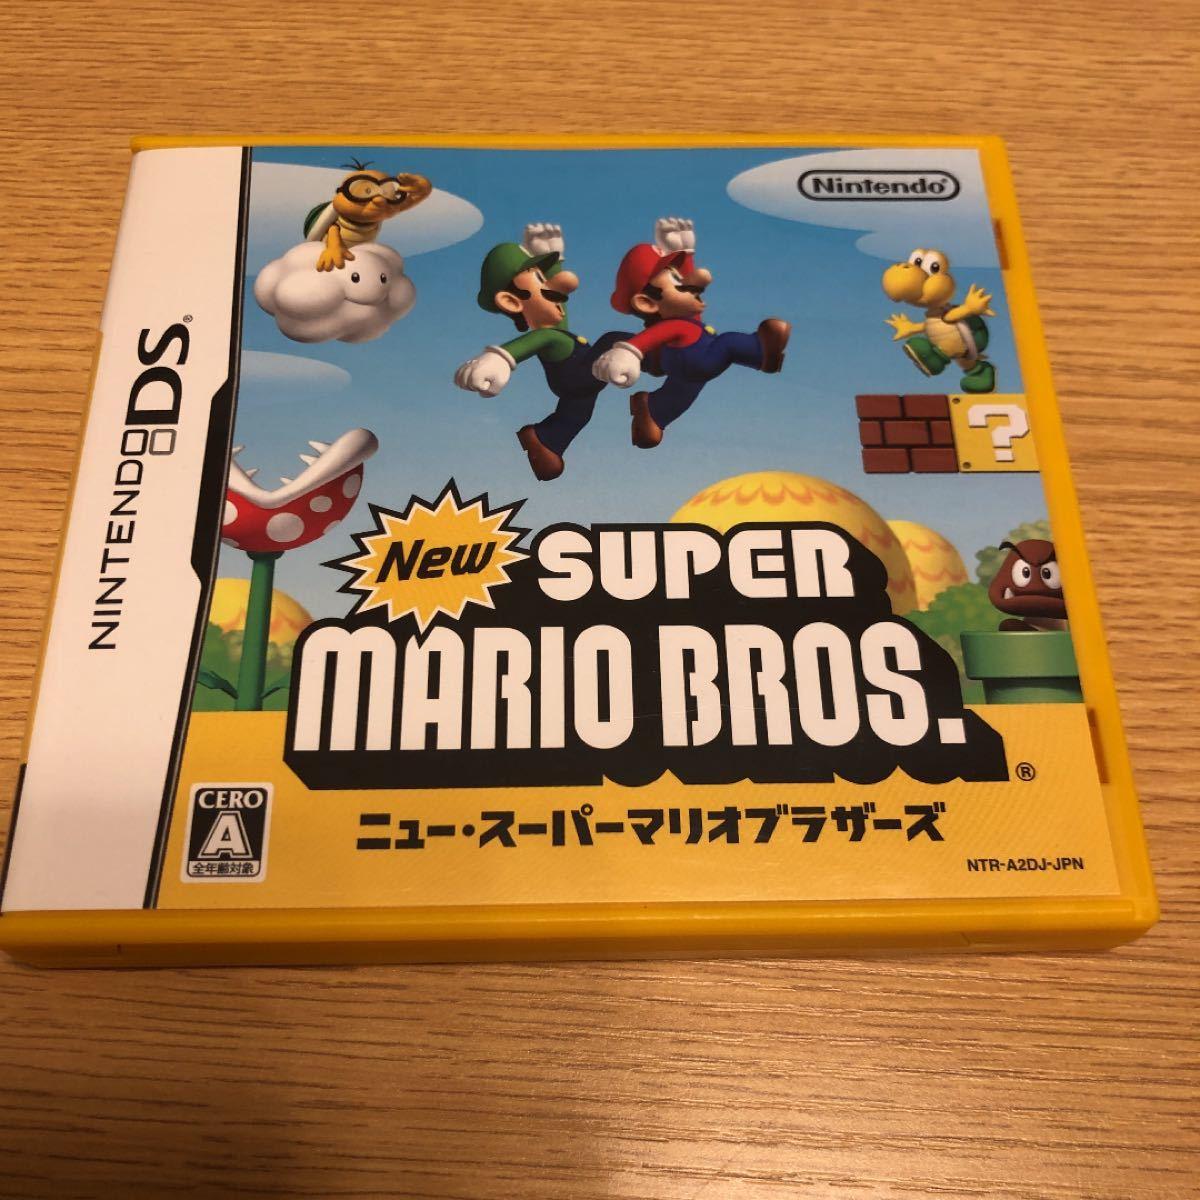 New スーパーマリオブラザーズ DS